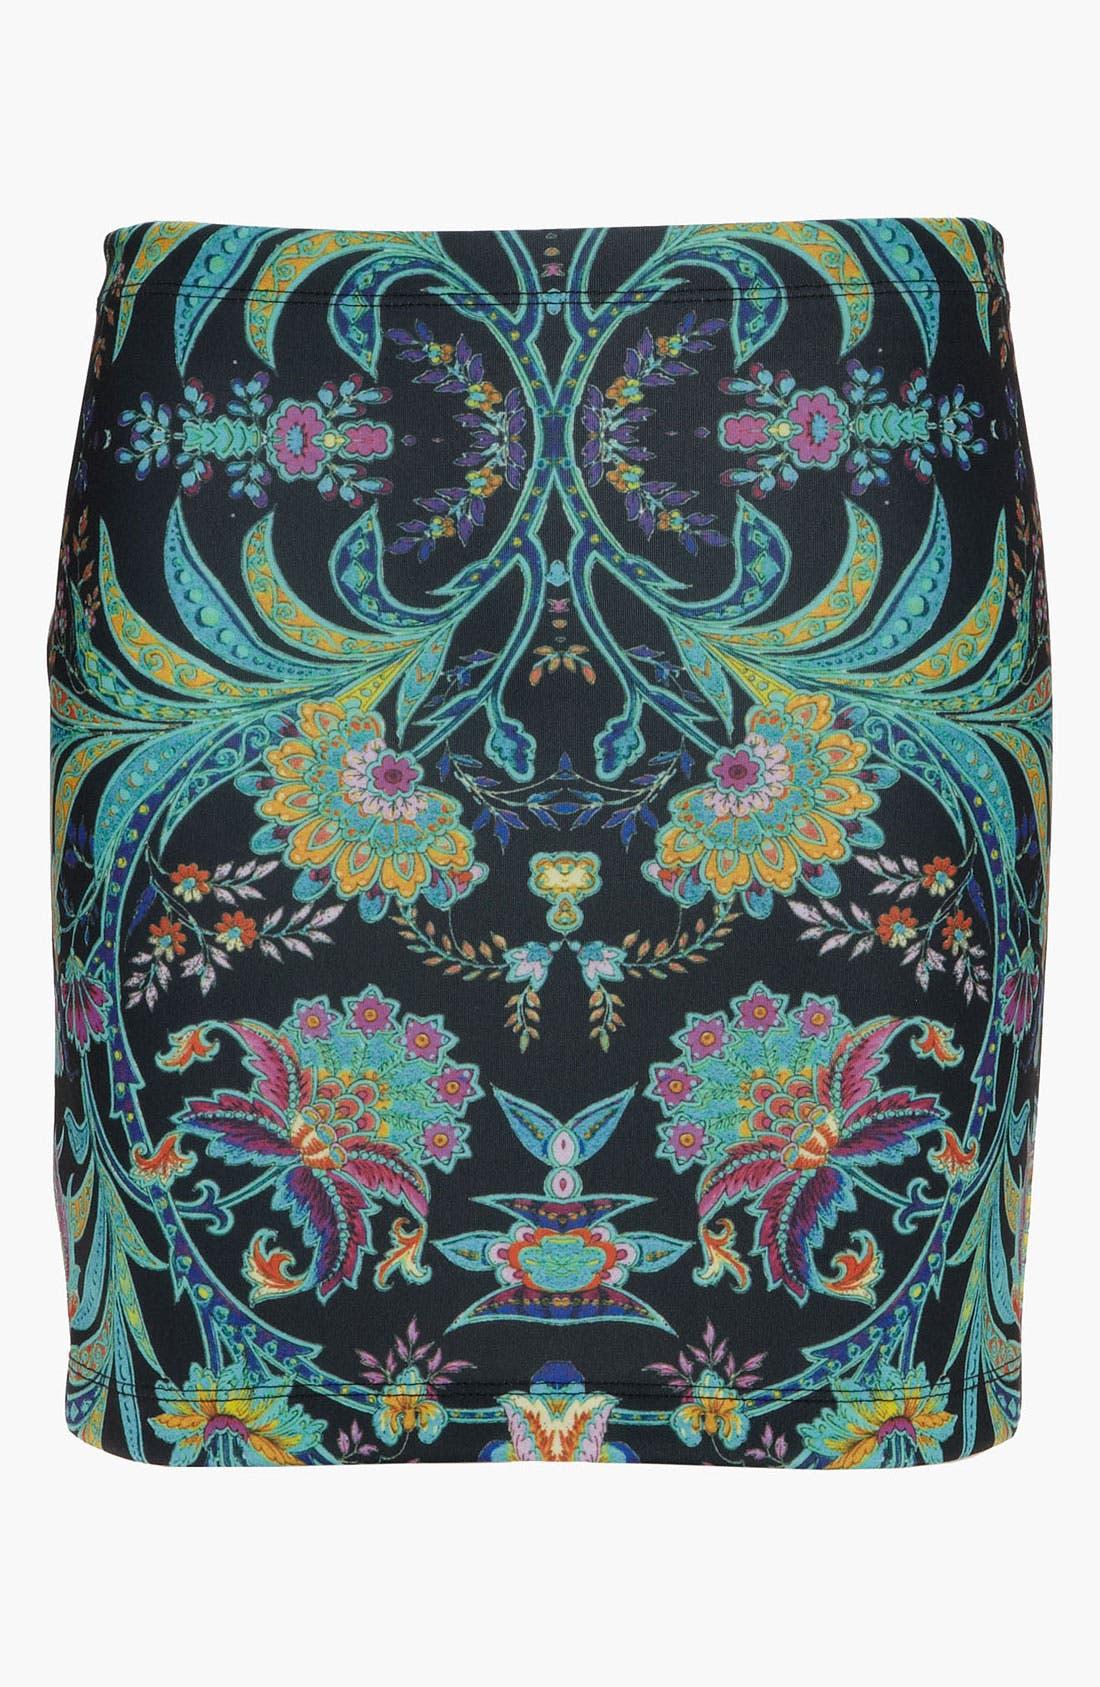 Alternate Image 1 Selected - Dream Daily 'Nomadic Flowers' Skirt